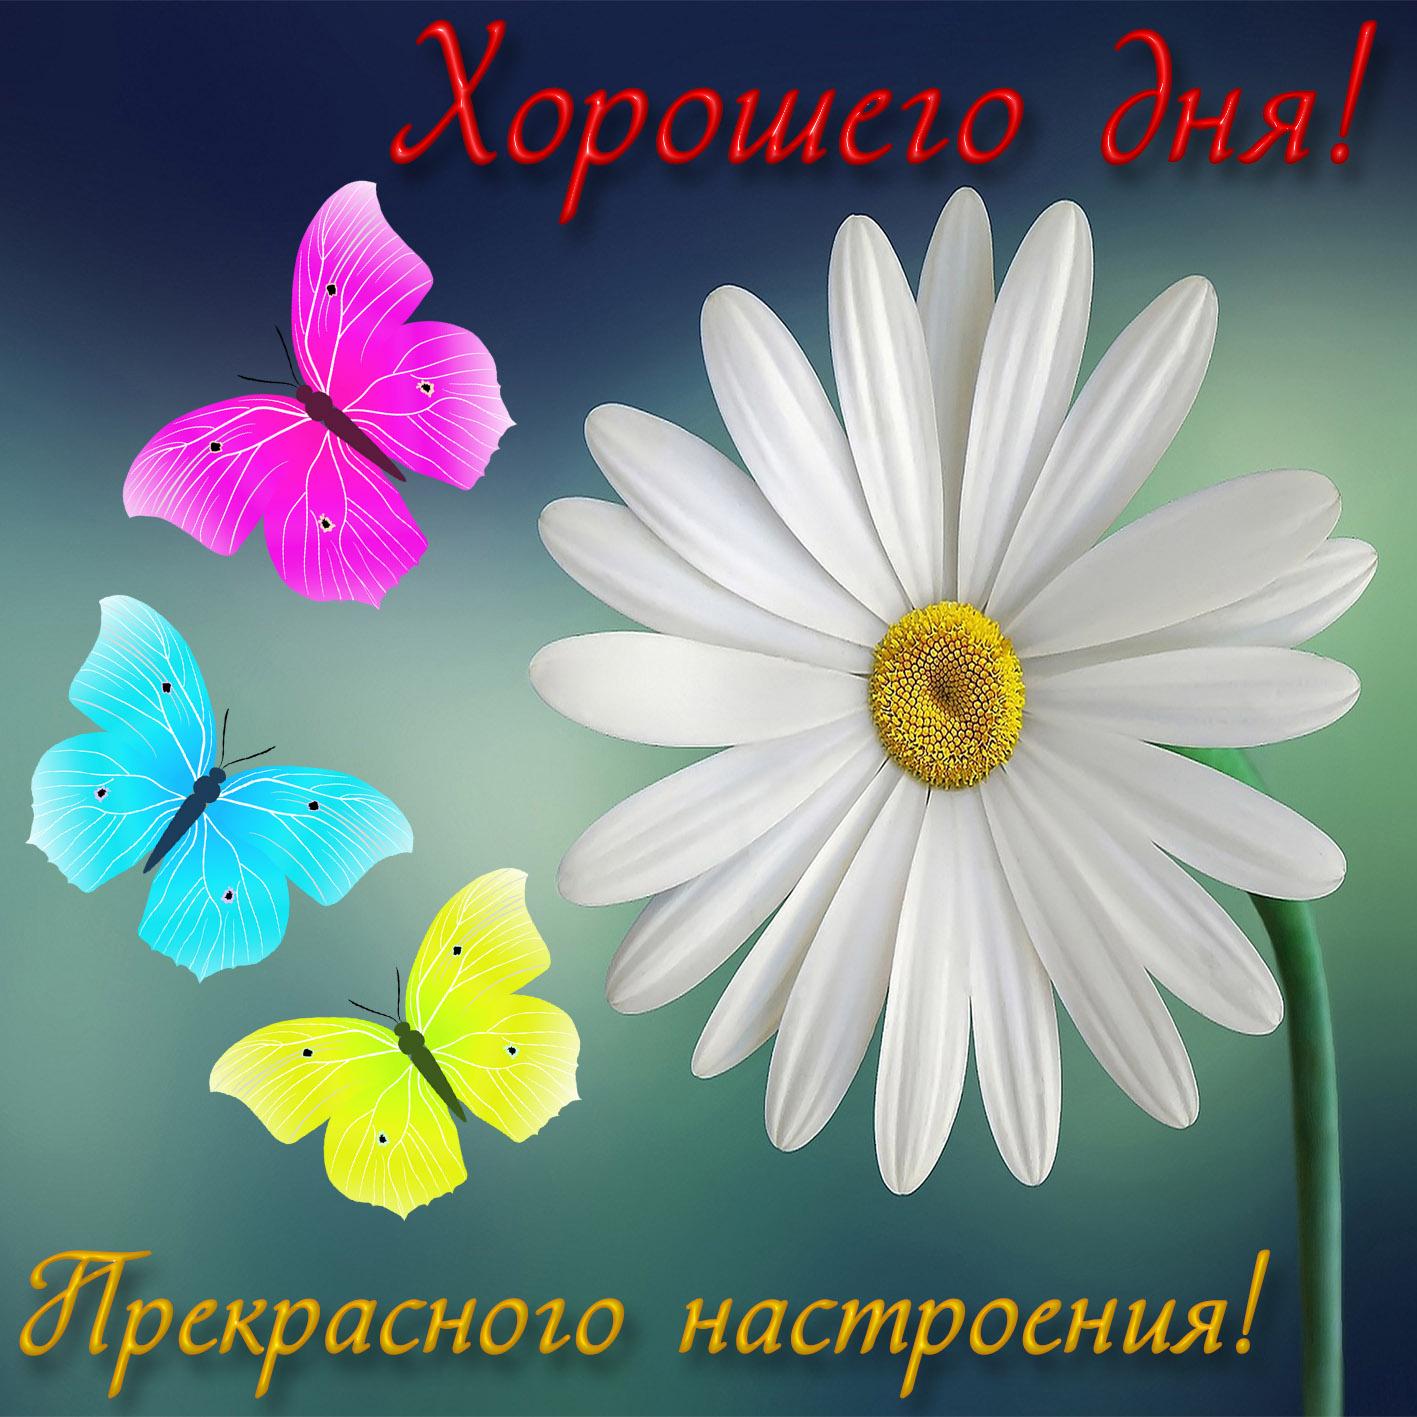 Коллаж открытку, картинка пожелания хорошего дня и отличного настроения